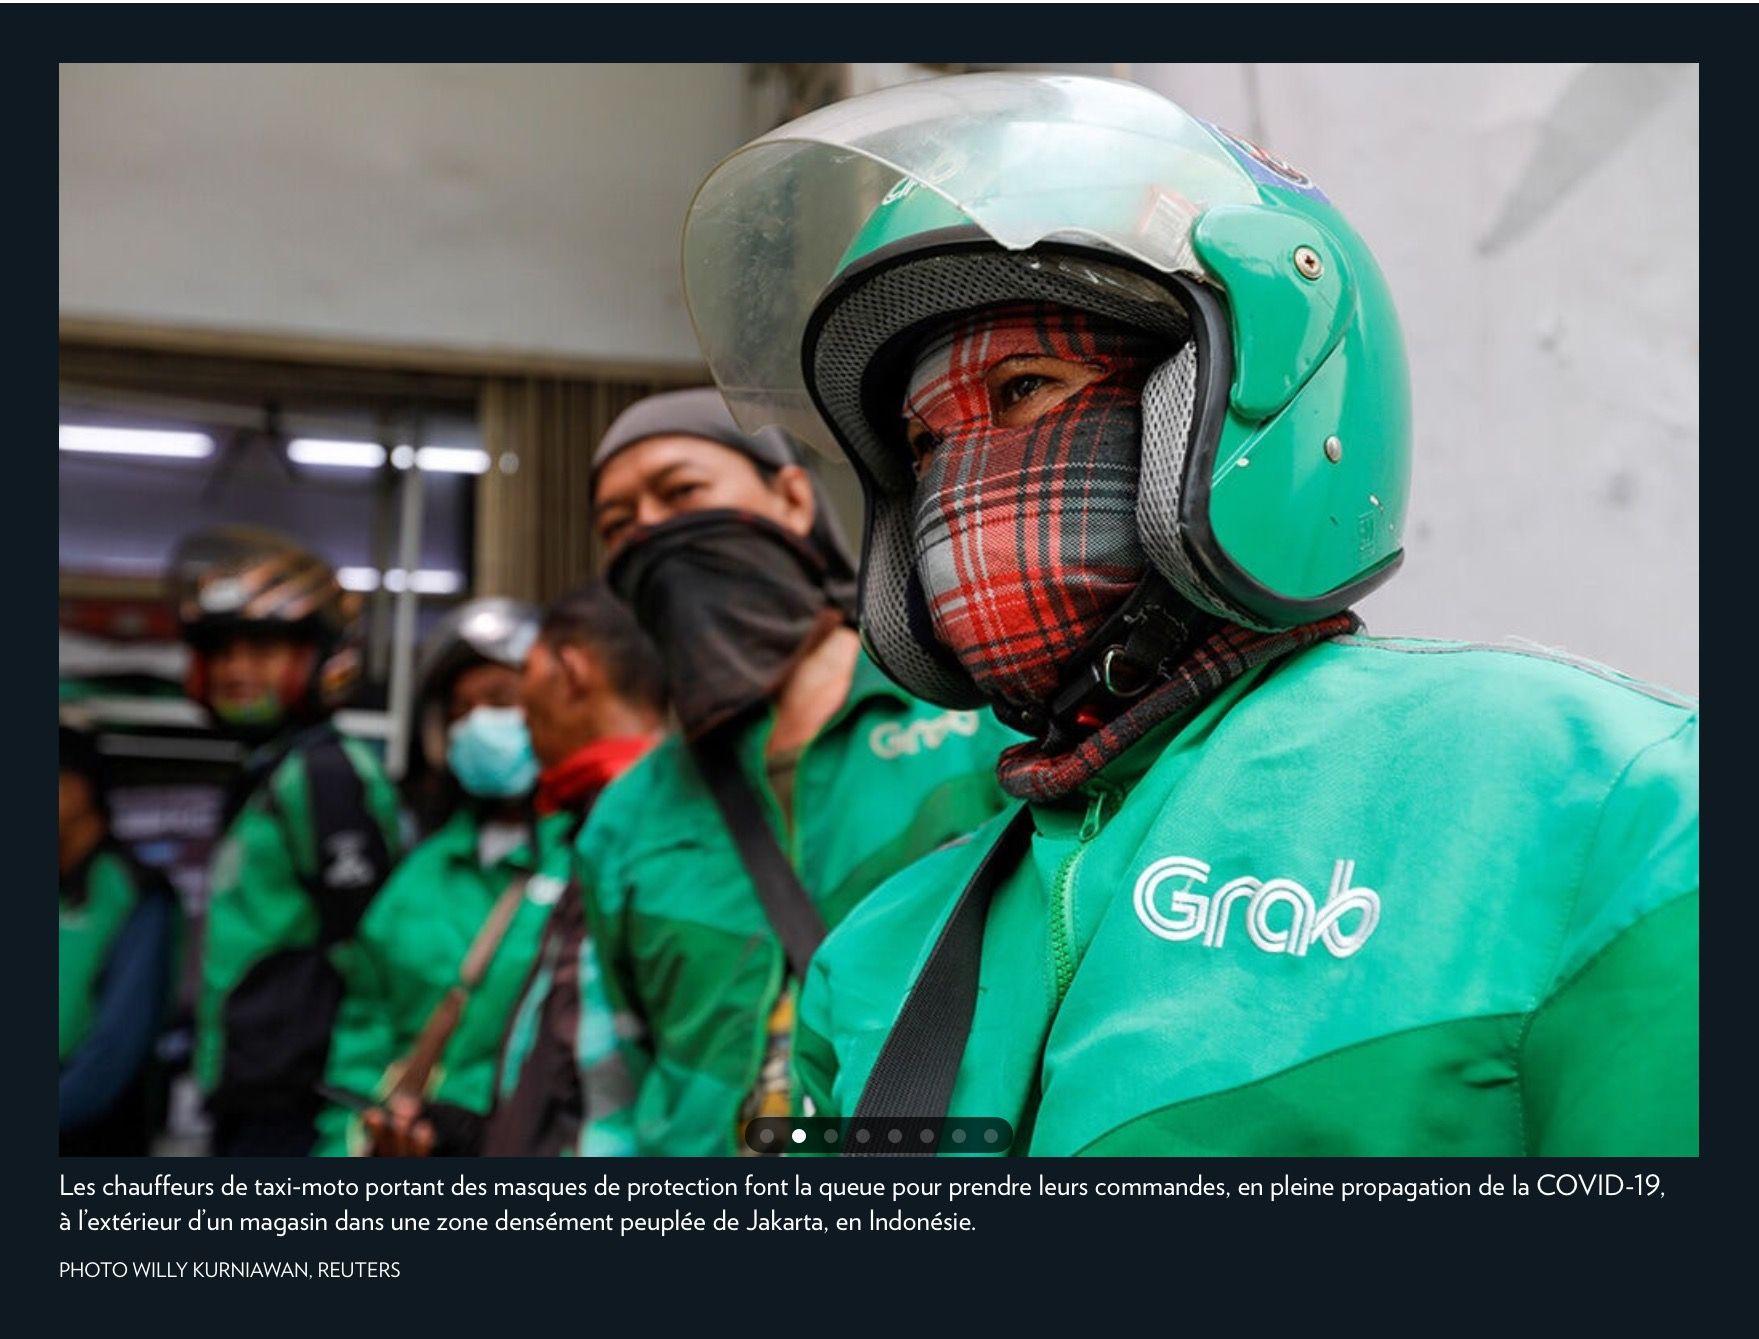 Pin on COVID19 Le Monde en images